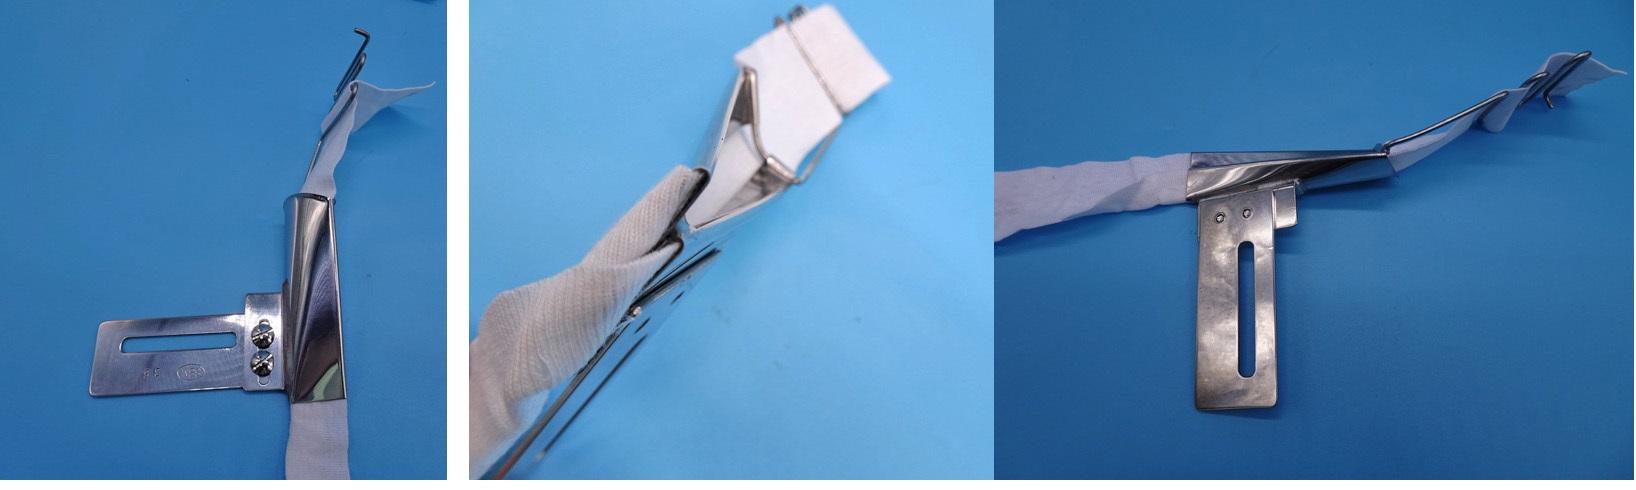 各メーカーピコミシン取り付け2つ折りラッパ「例、36mmx22mm関西スペシャルピコミシン モデルNO-DPW-1302型」 縫製予定のテープ3mを弊社にお送りくださいそれに合わせて制作します。